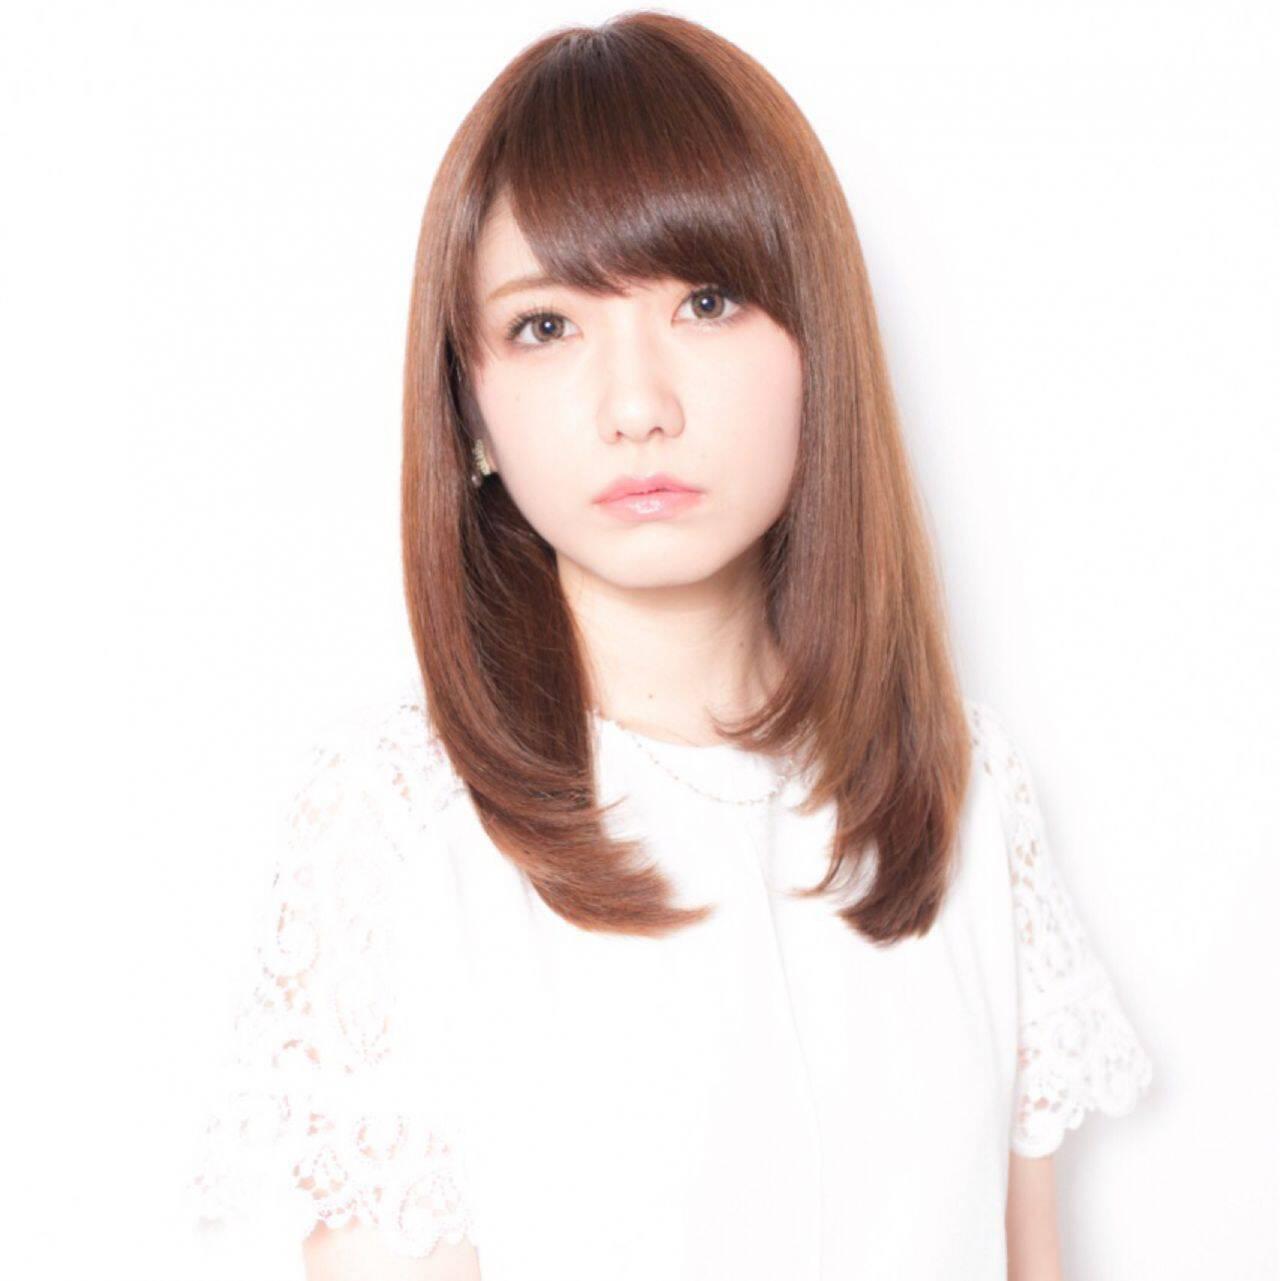 モテ髪 ナチュラル ストレート コンサバヘアスタイルや髪型の写真・画像